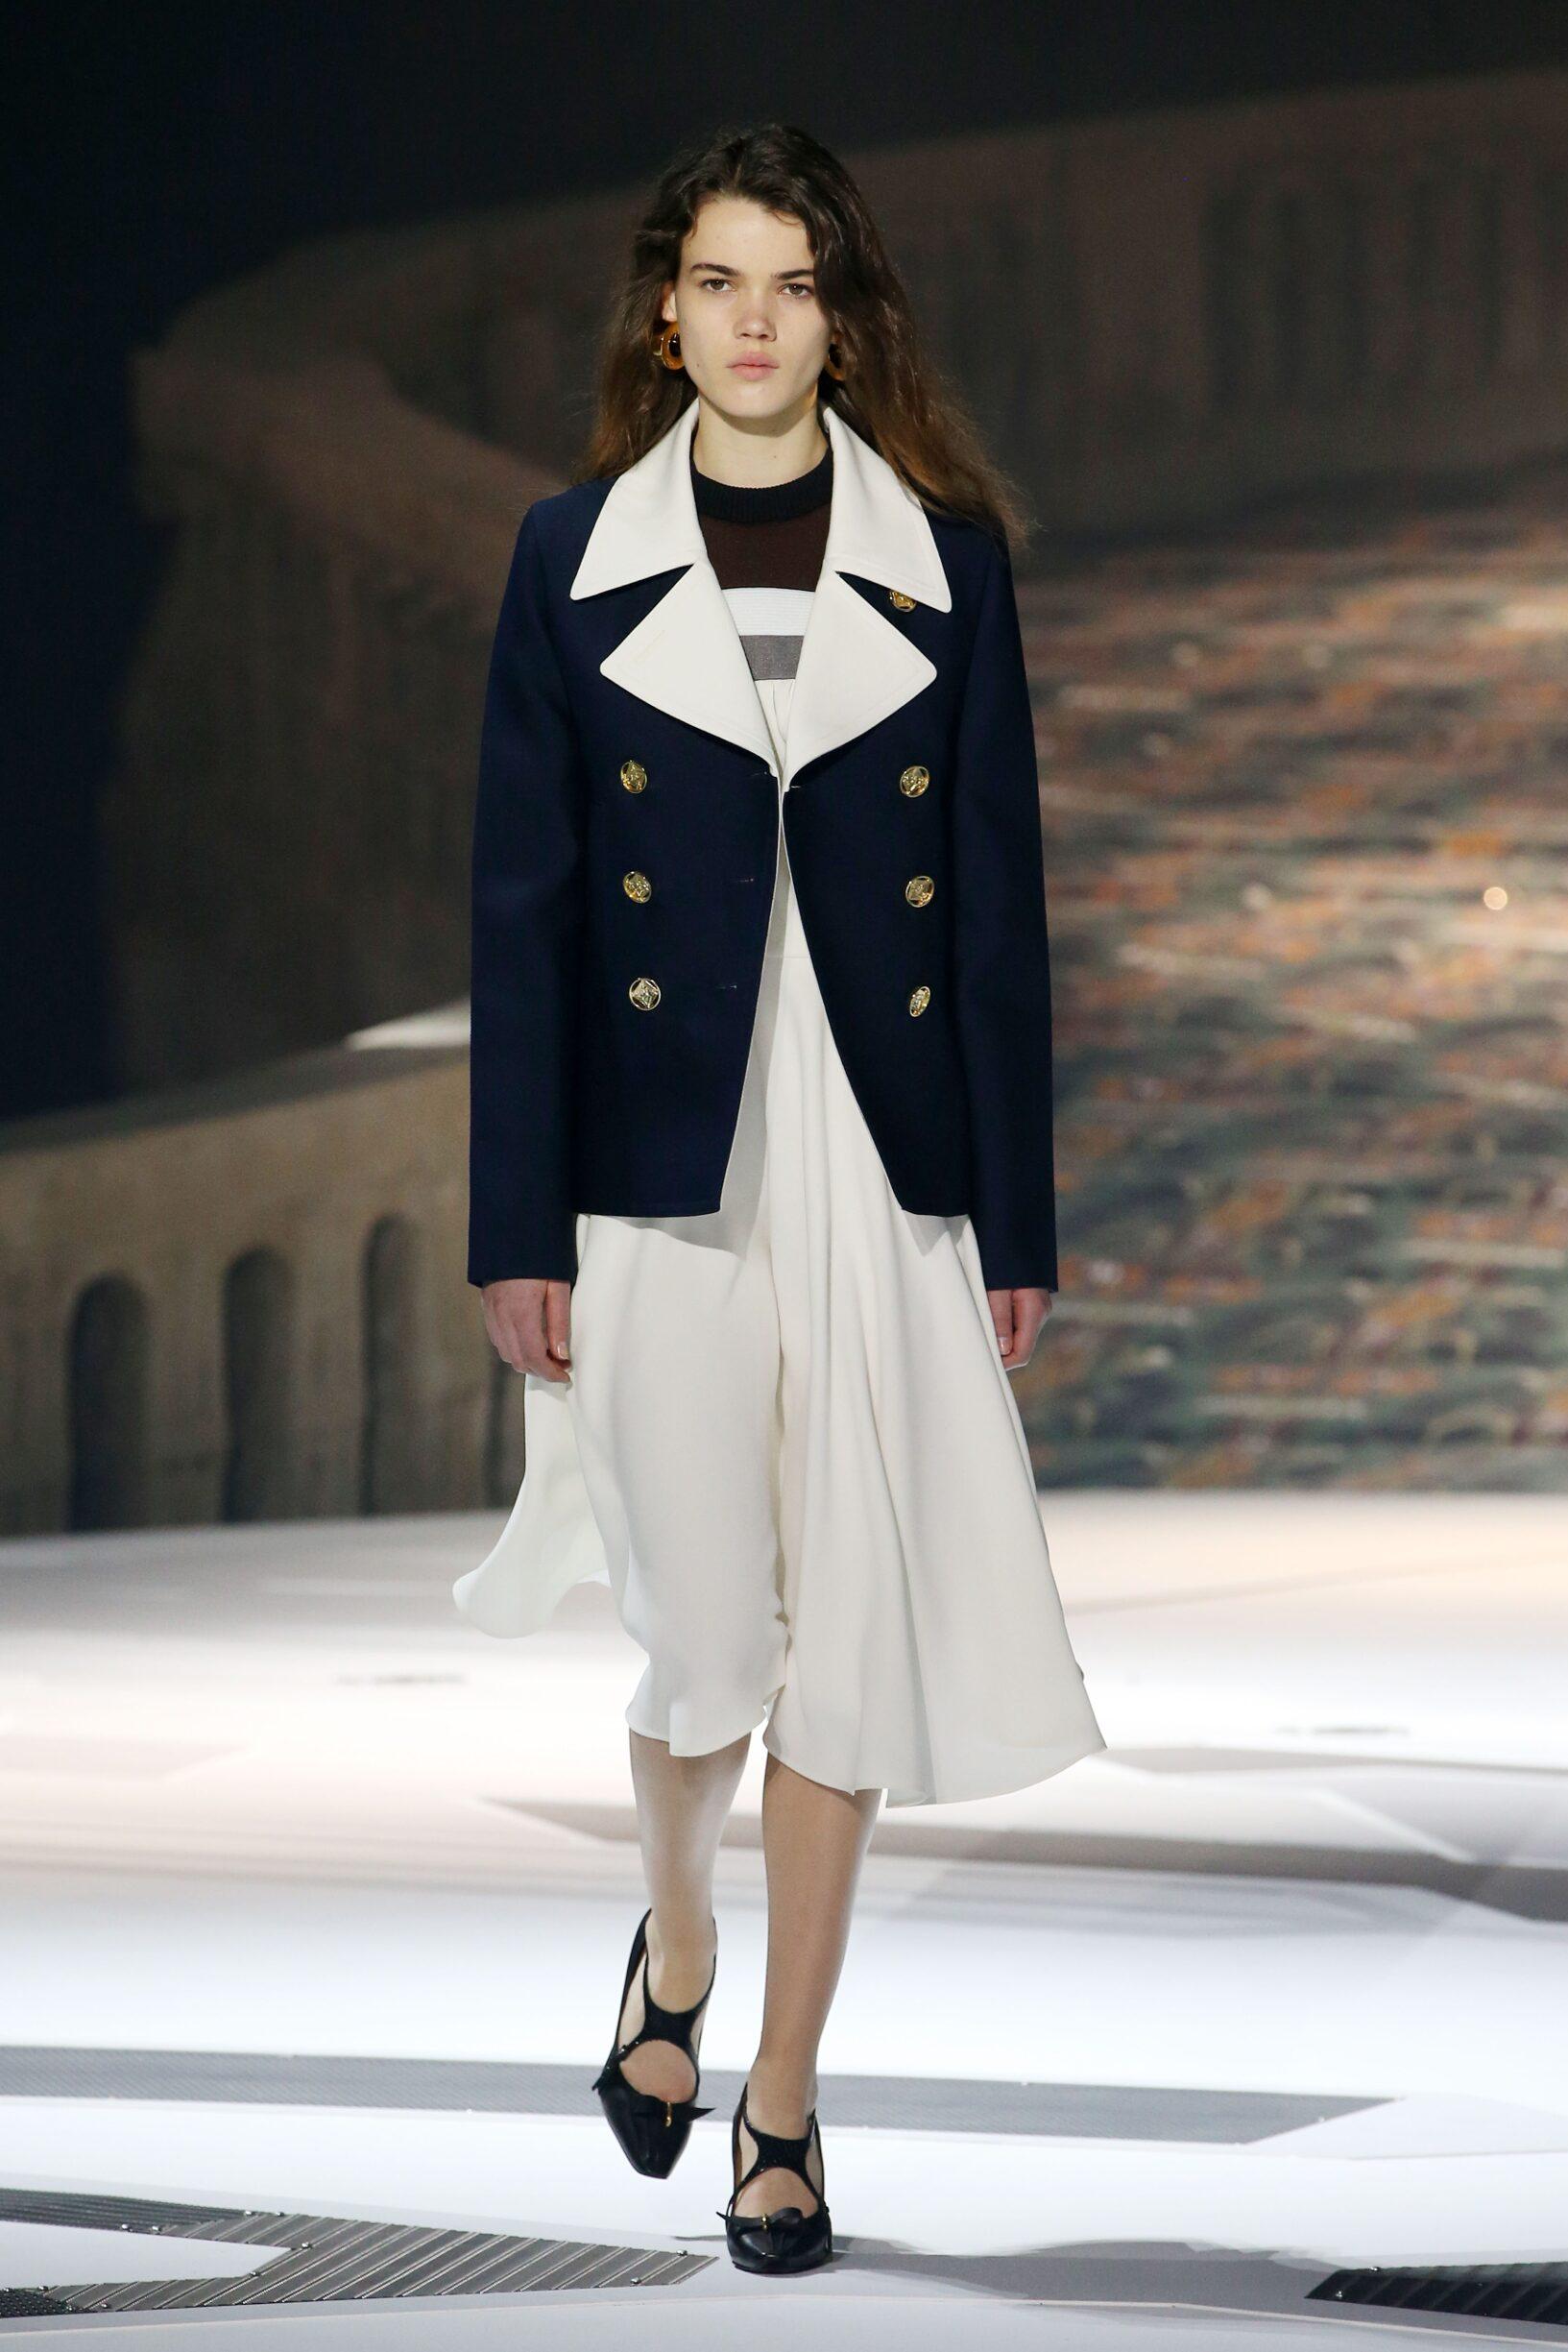 2018 Louis Vuitton Fall Catwalk